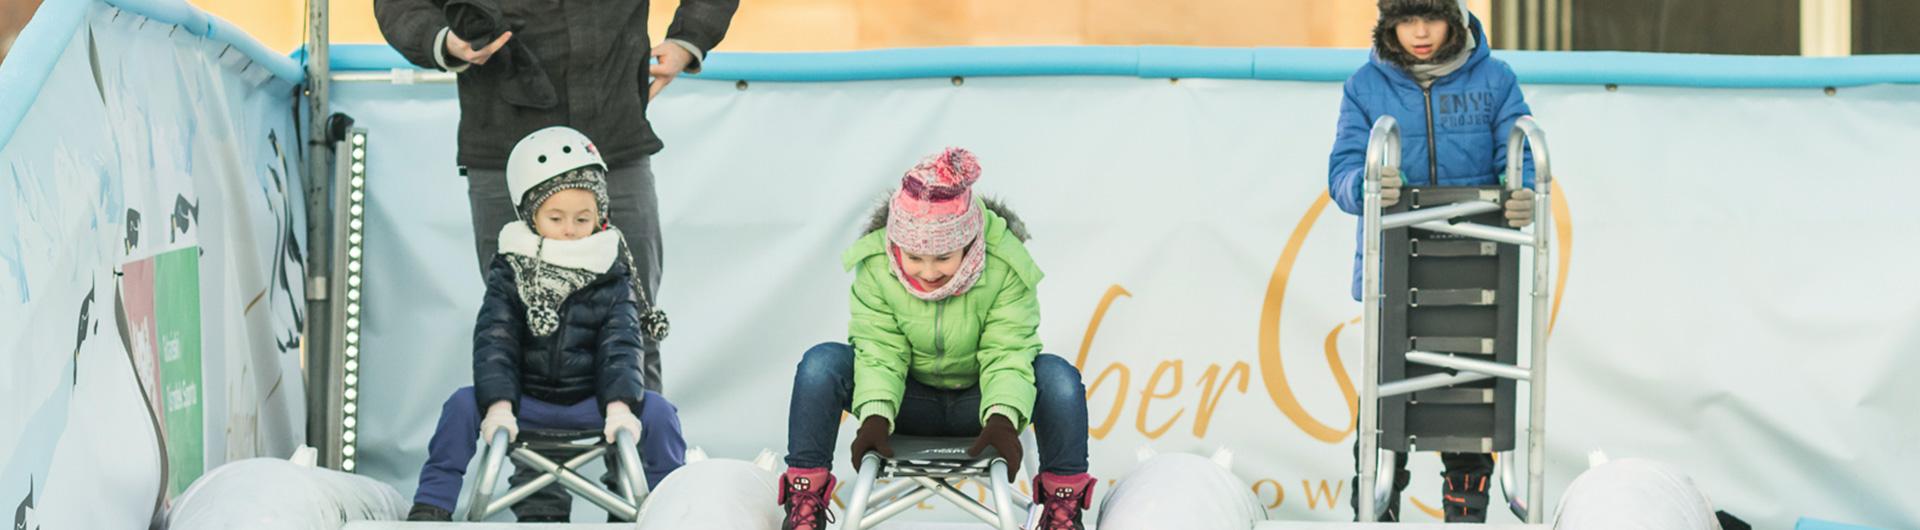 Synthetische Eisrutschbahn | Miete von Rutschbahnen